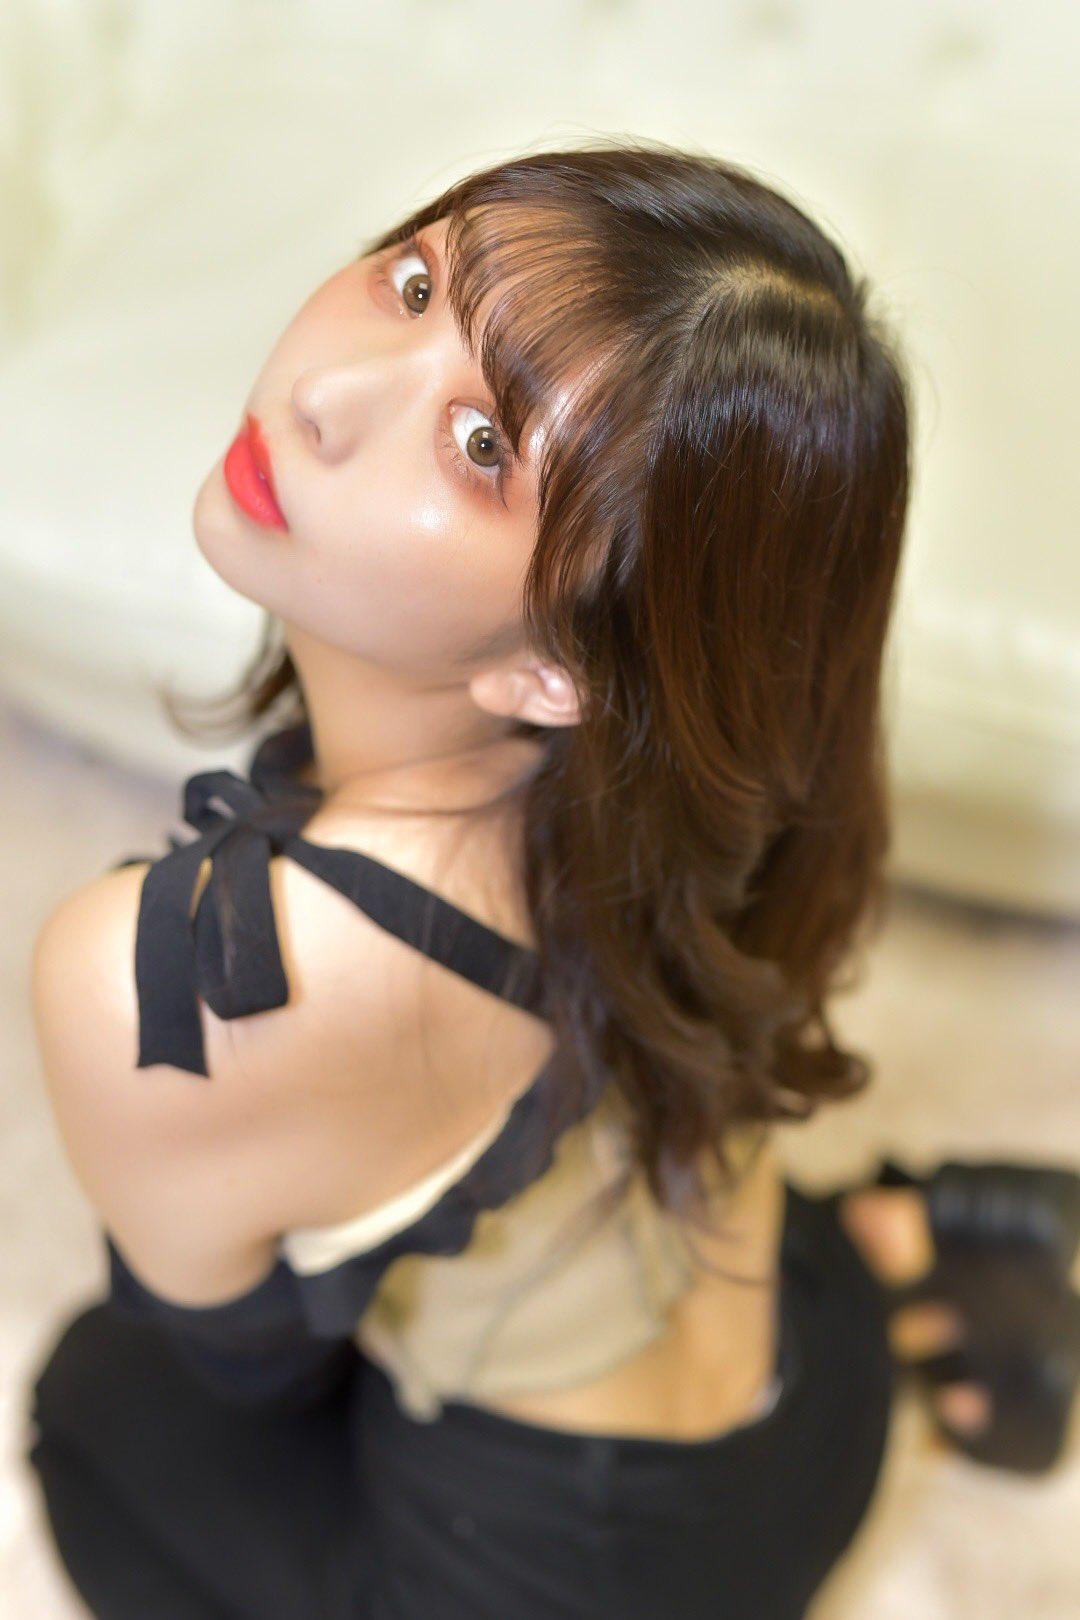 photo_uxi2-1427988047224659970-20210818_213735-img1.jpg